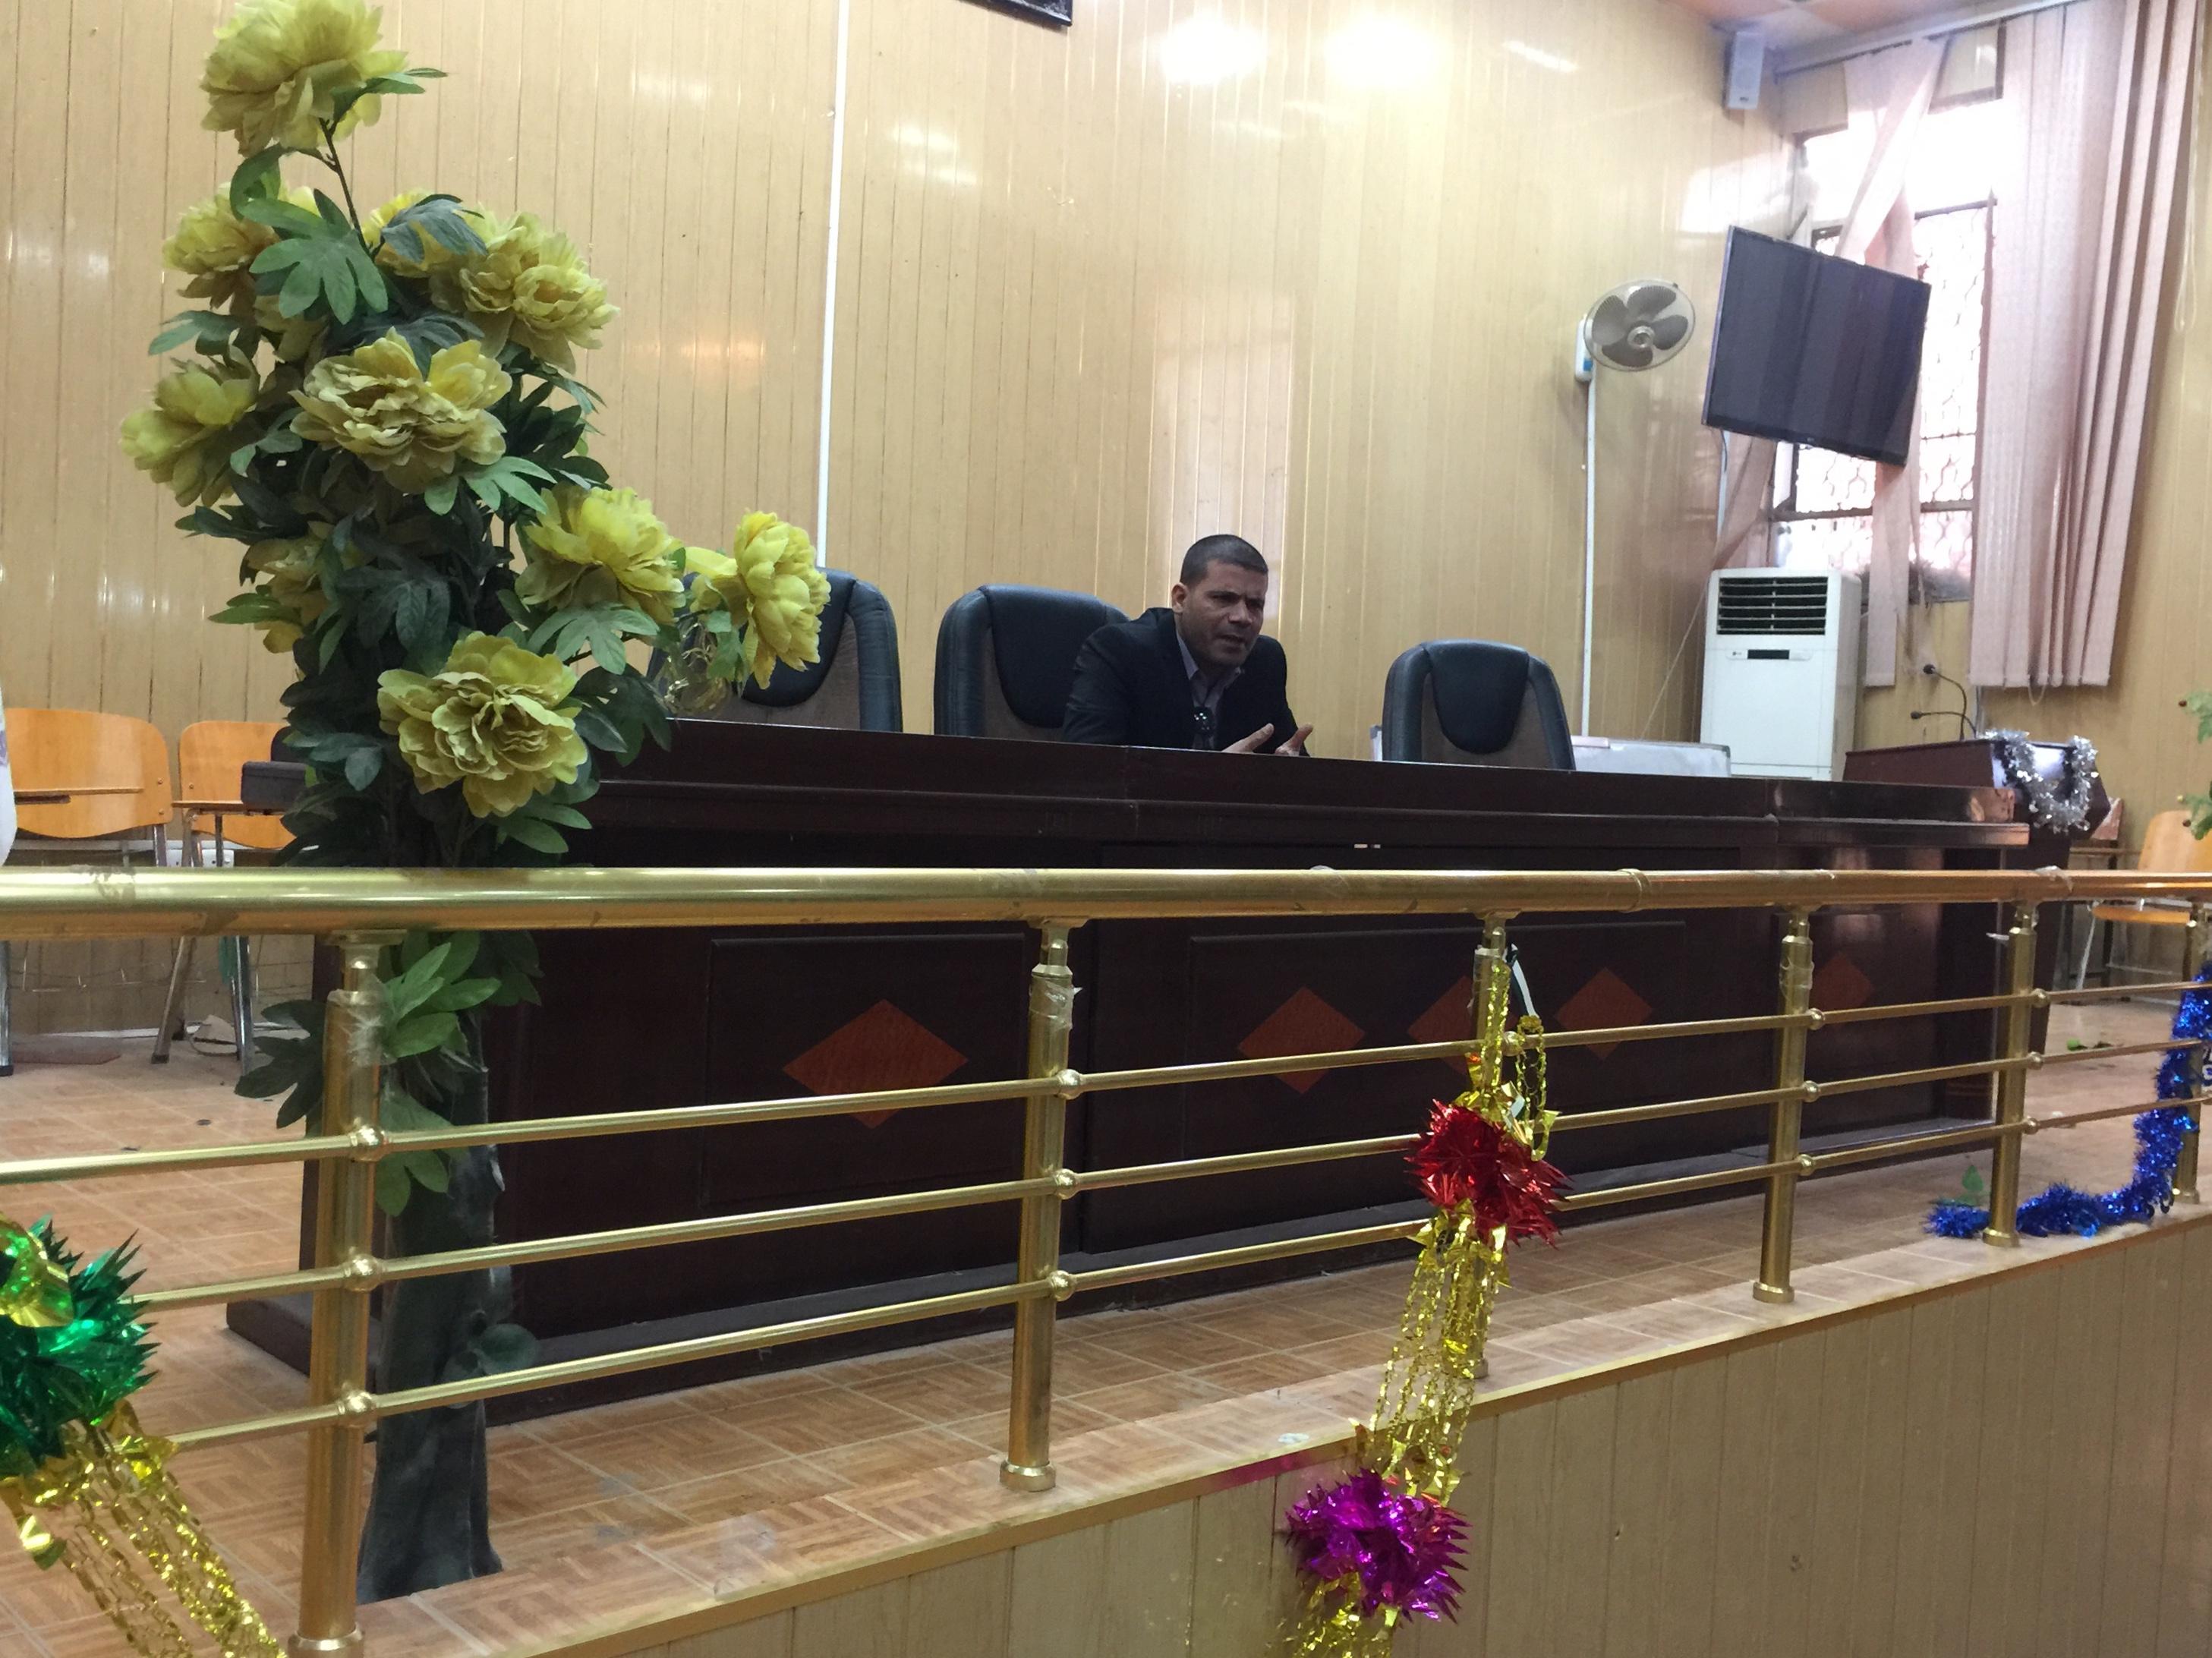 اجتماع السيد المعاون الاداري ا.م.د حسام حمد جلاب  مع منتسبي الكلية